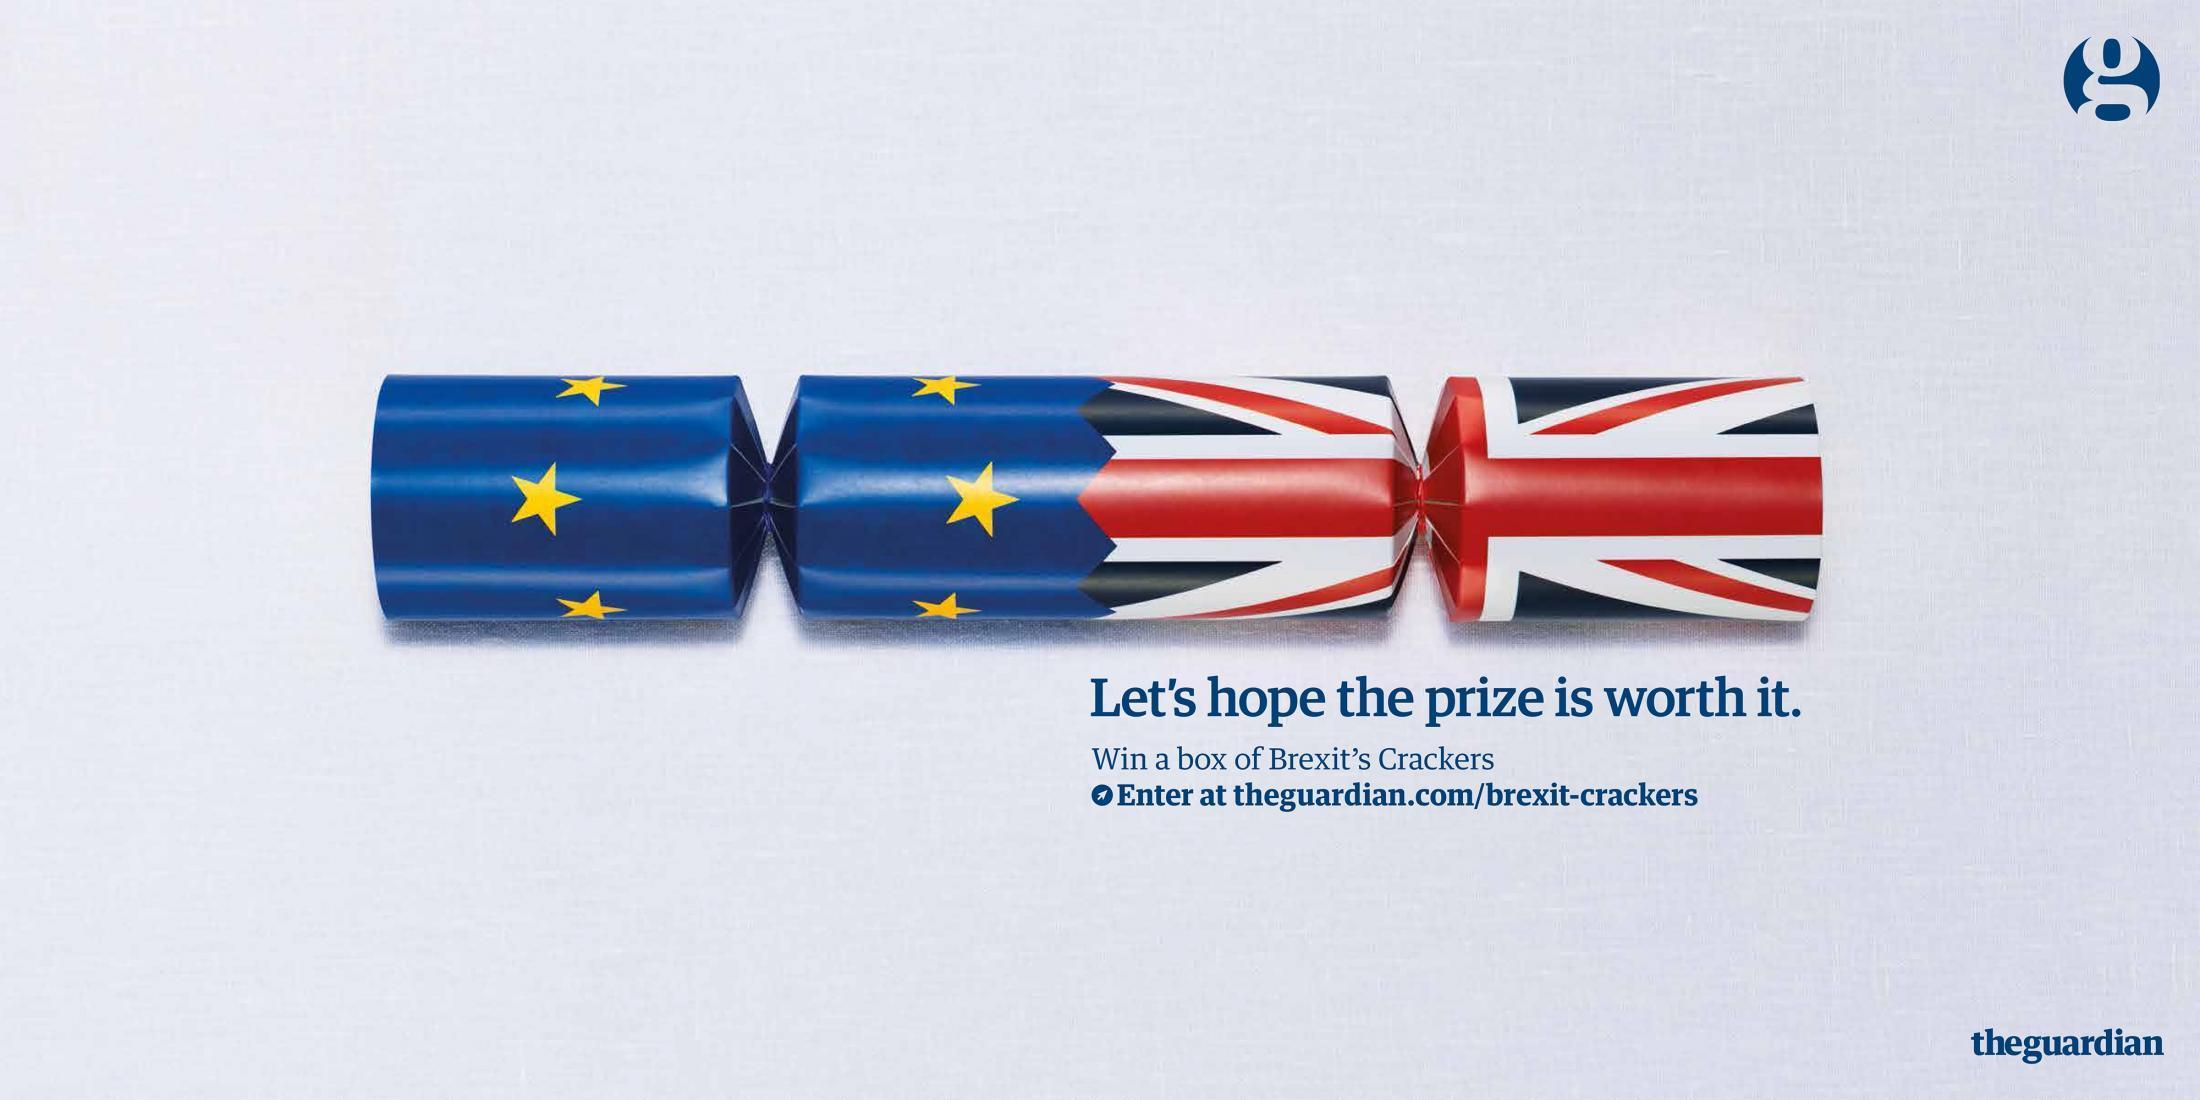 Mc Donald's, Guardian e Unilever: i migliori annunci stampa della settimana